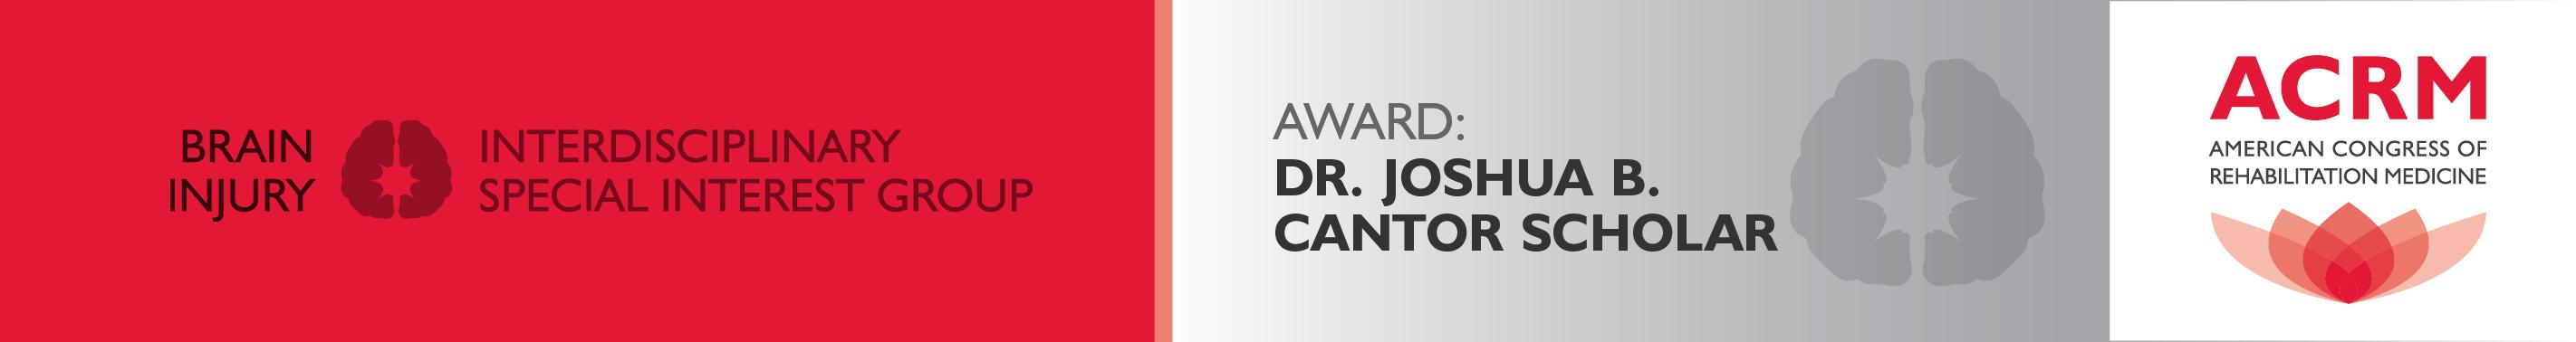 BI-ISIG DR. JOSHUA B. CANTOR SCHOLAR